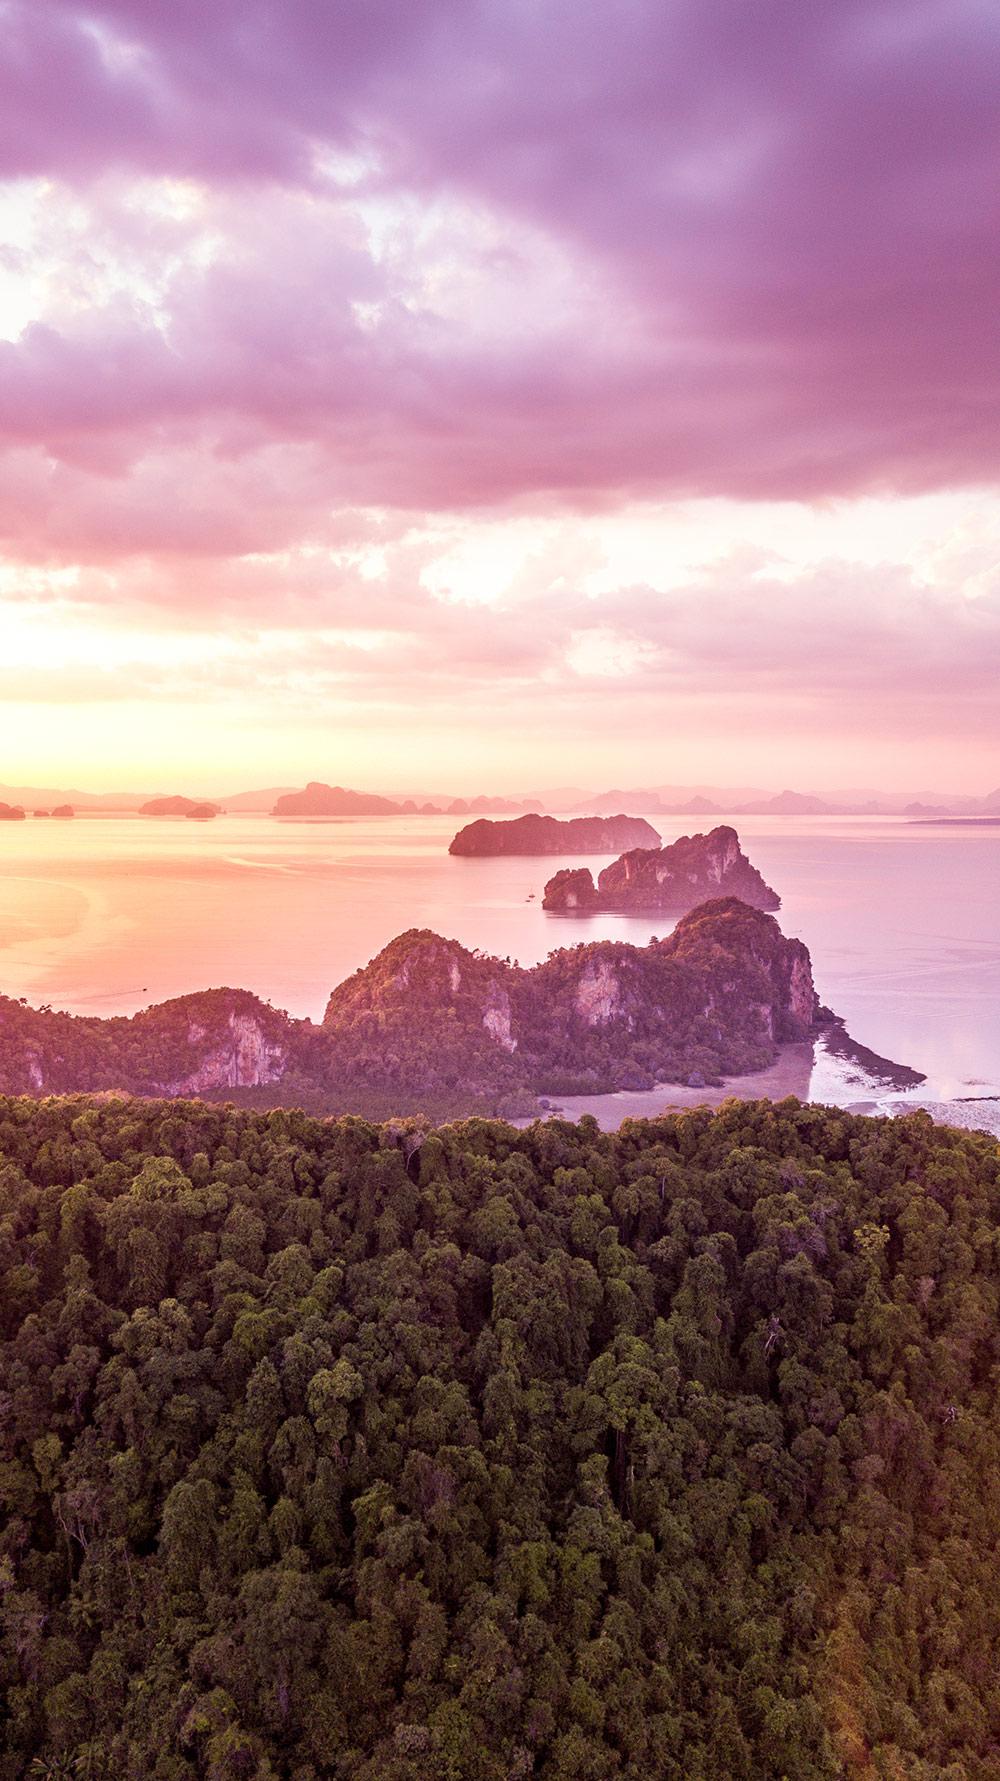 paradise-hotel-koh-yao-noi-15.jpg